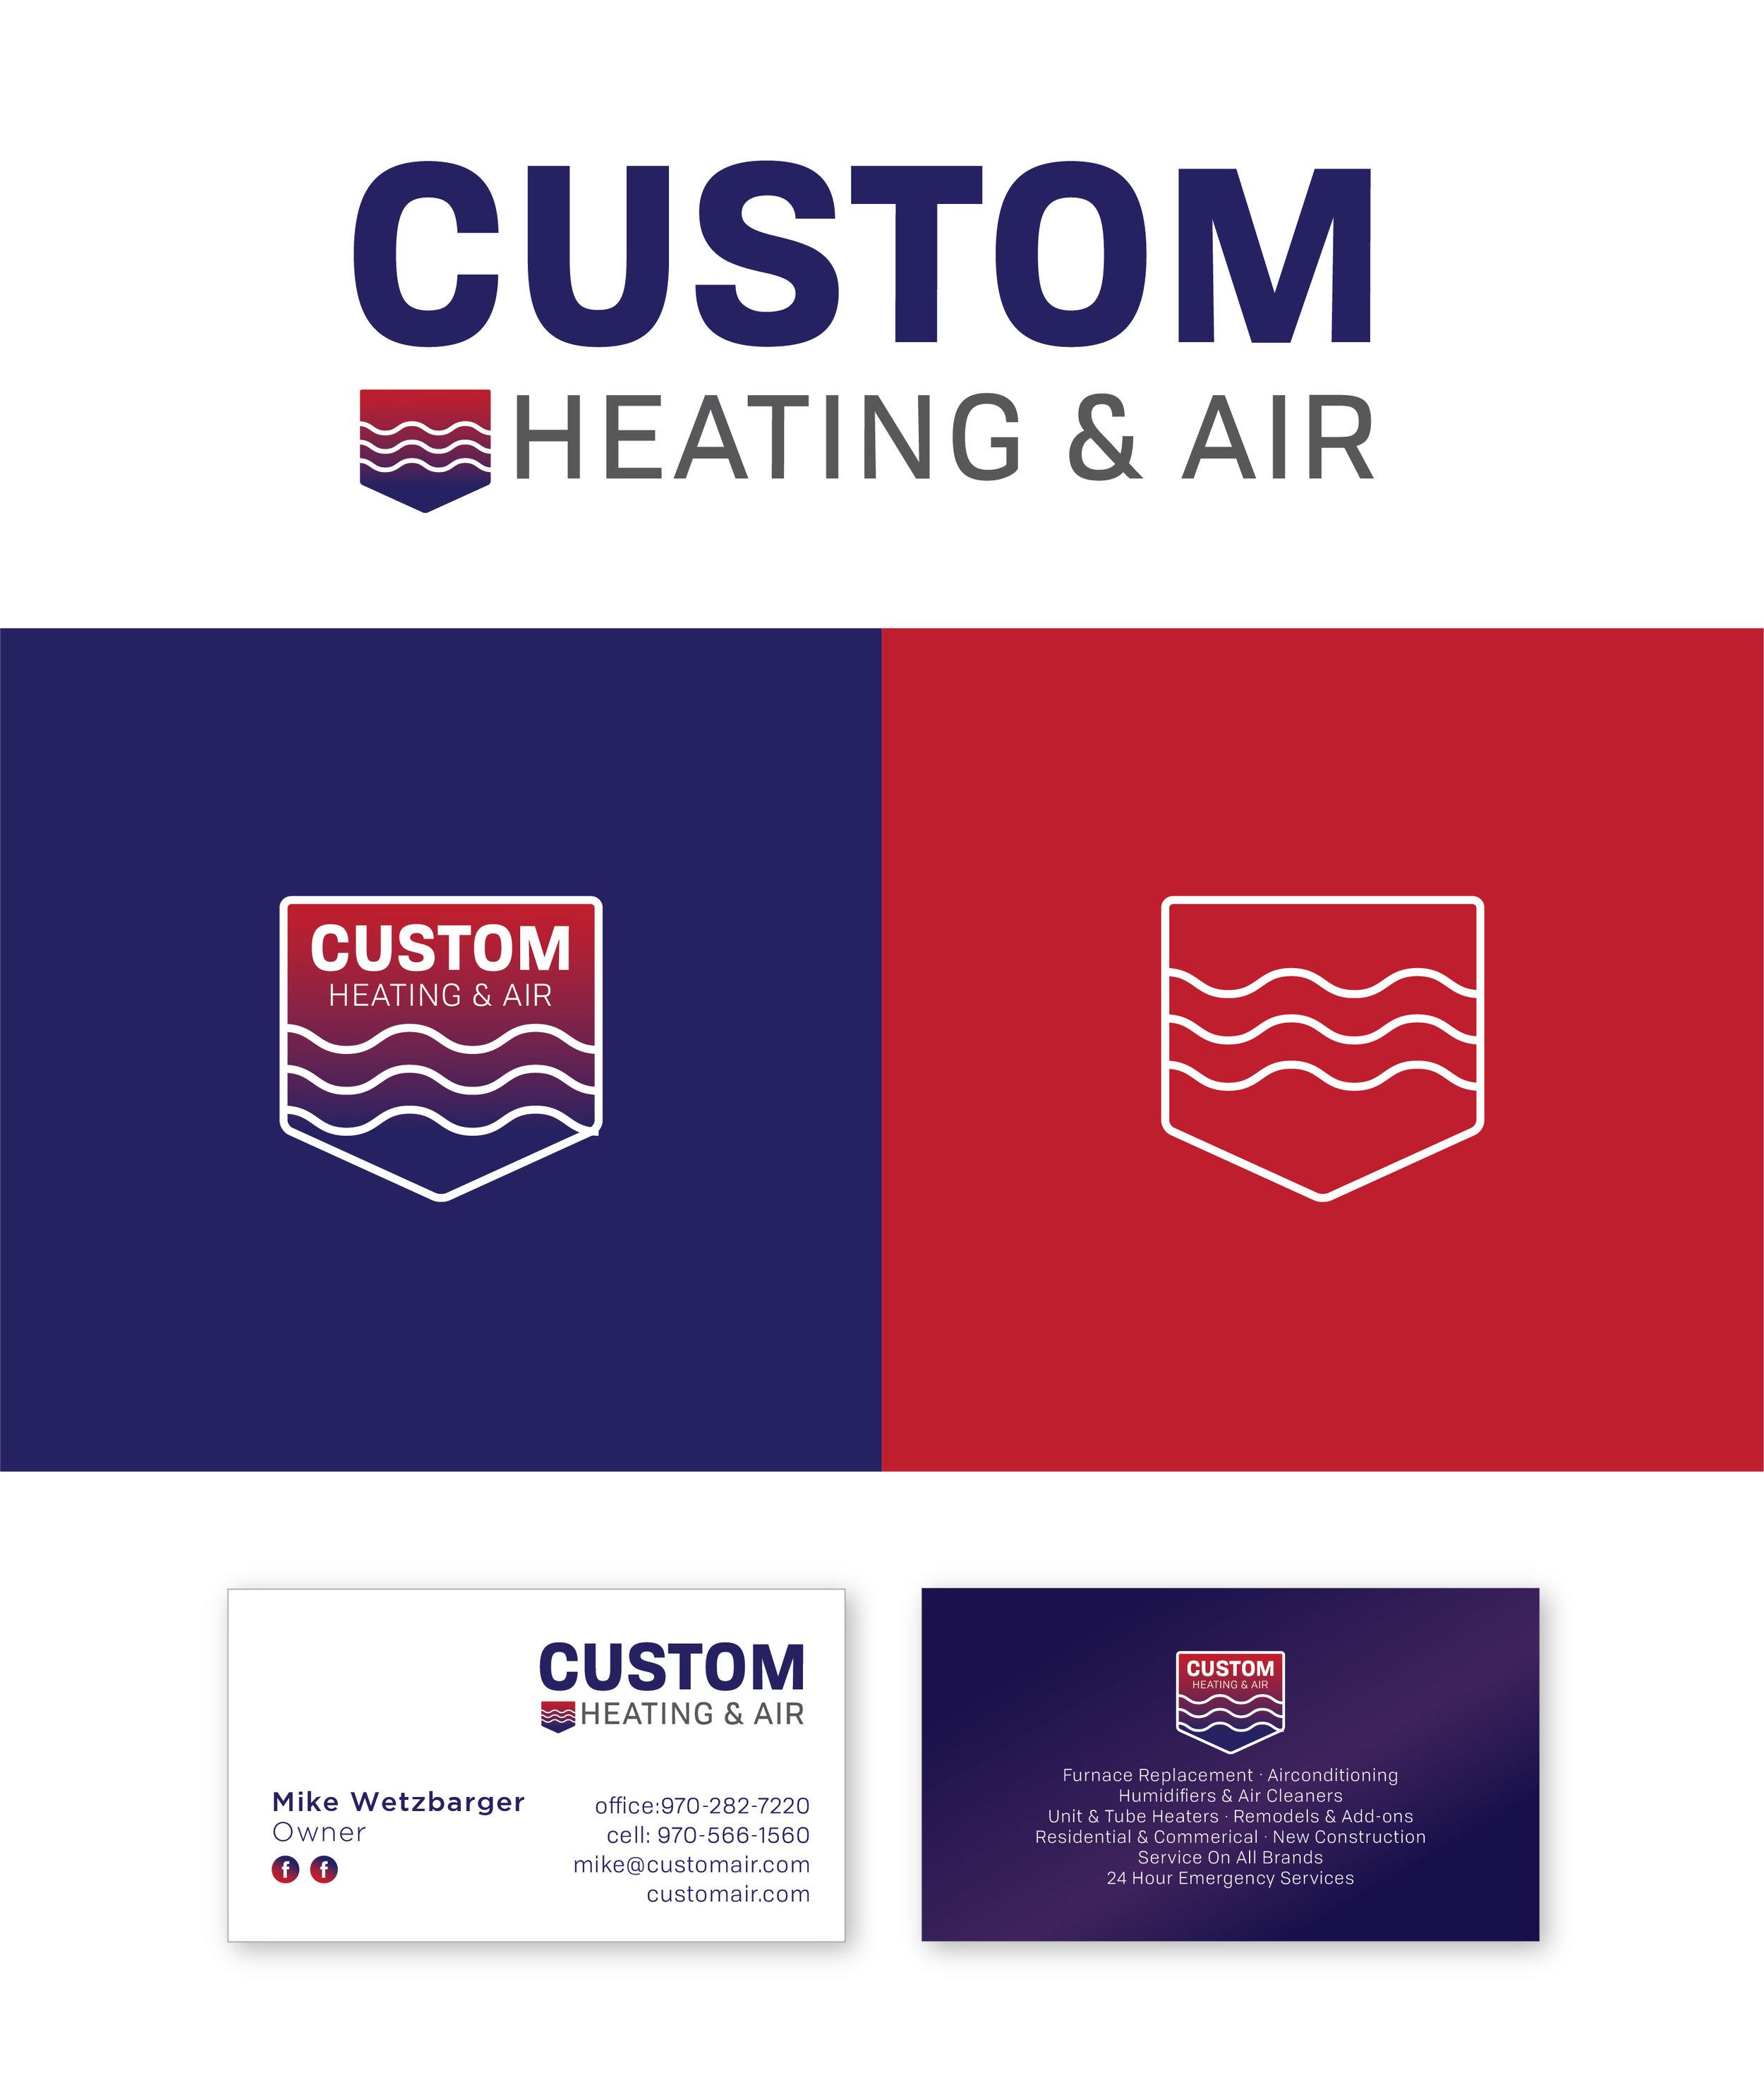 CustomHeat_FirstLook-04.jpg